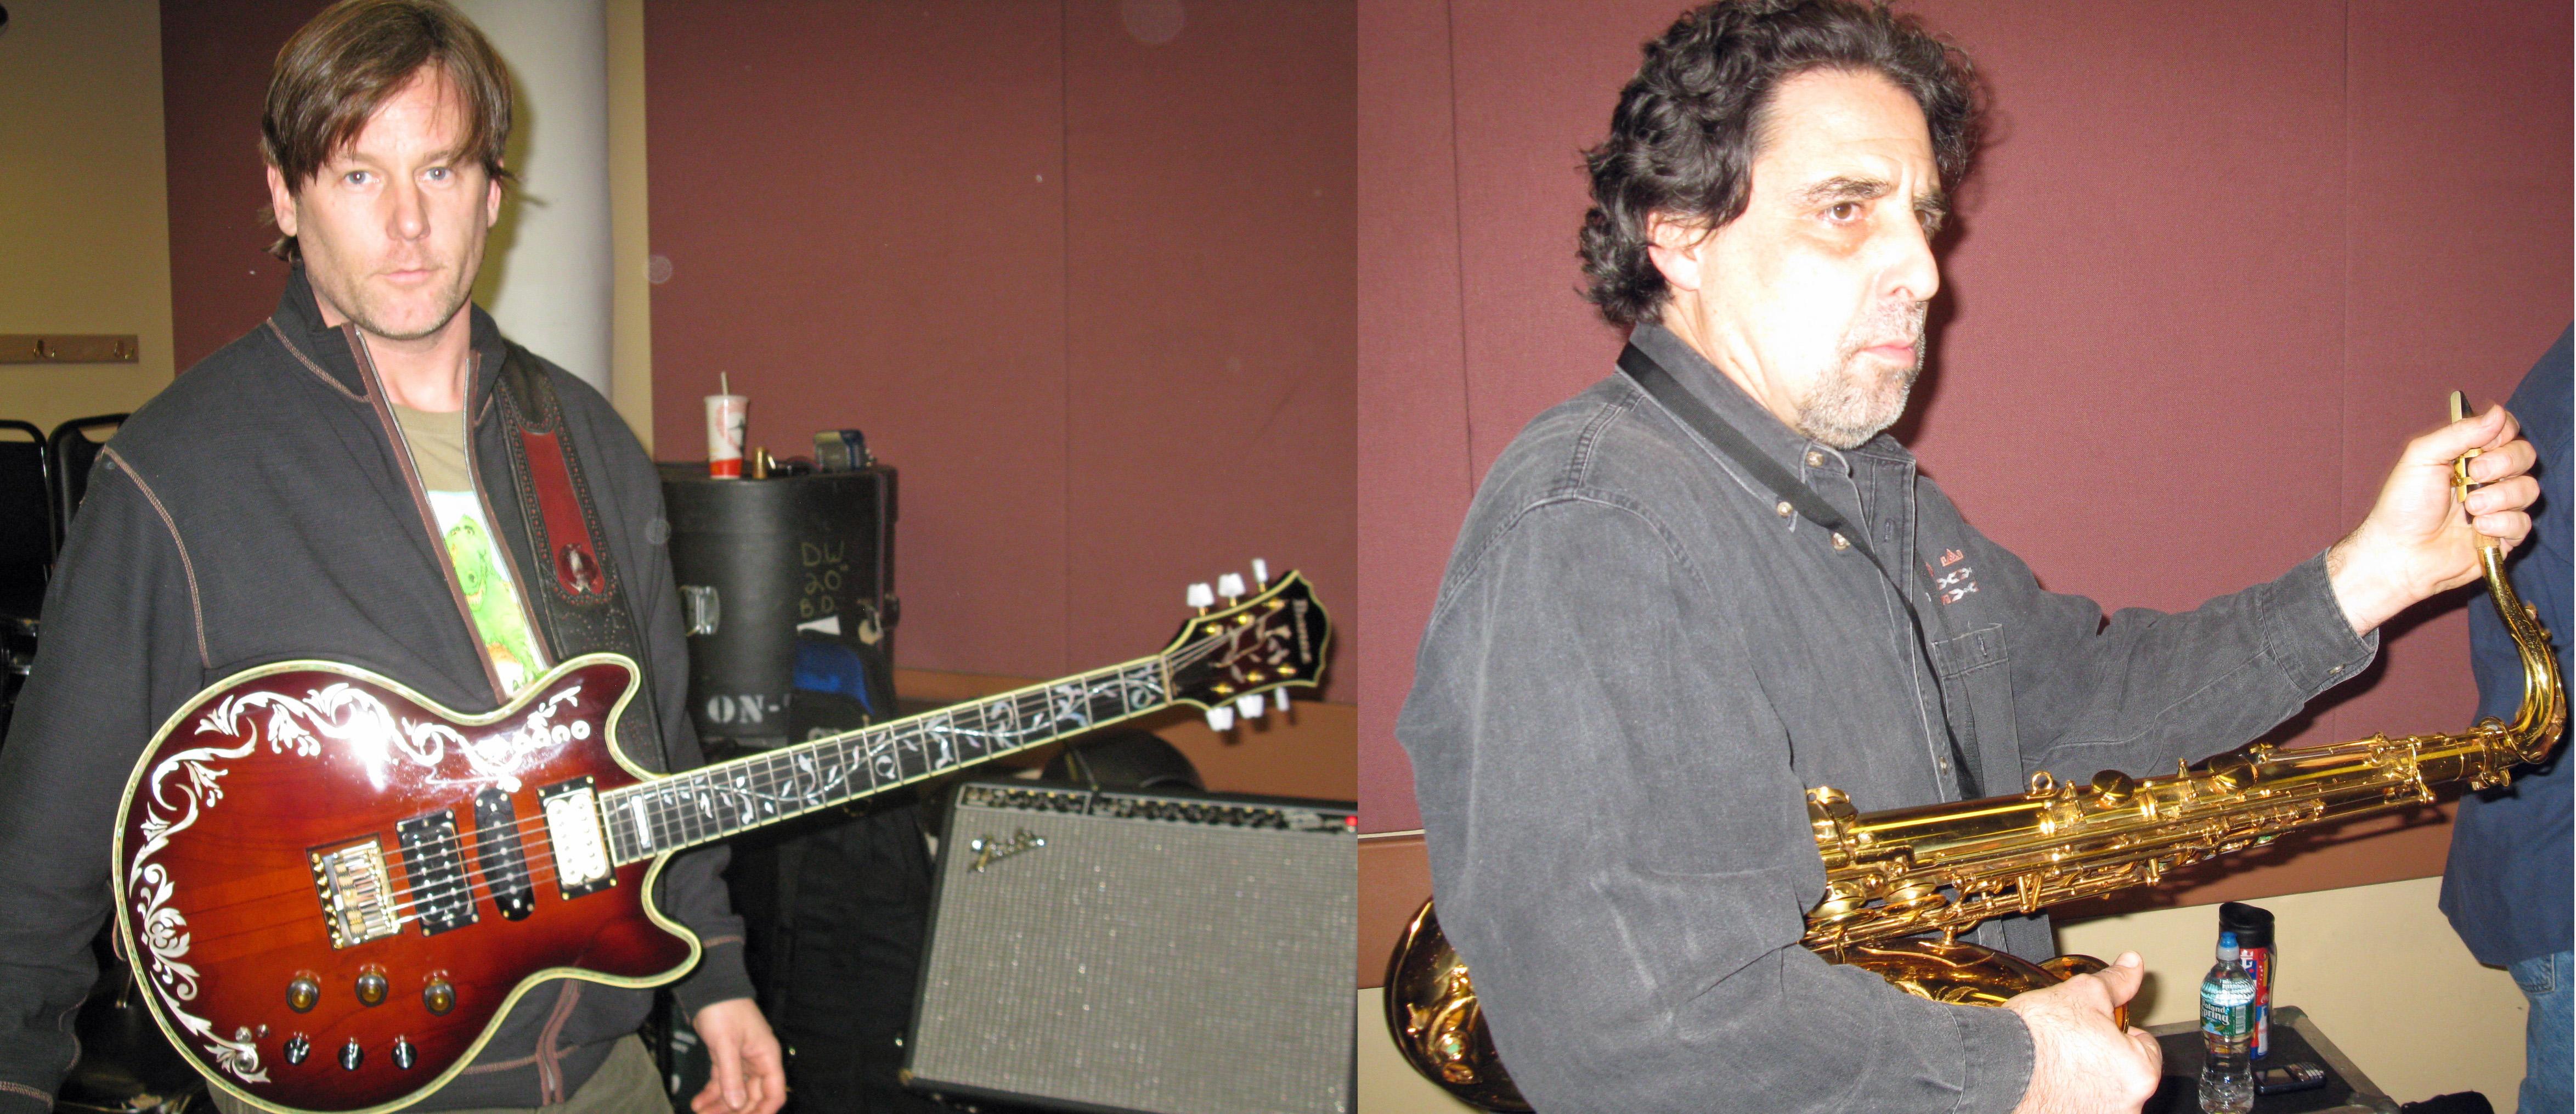 2008-11-08_scott-and-andrew